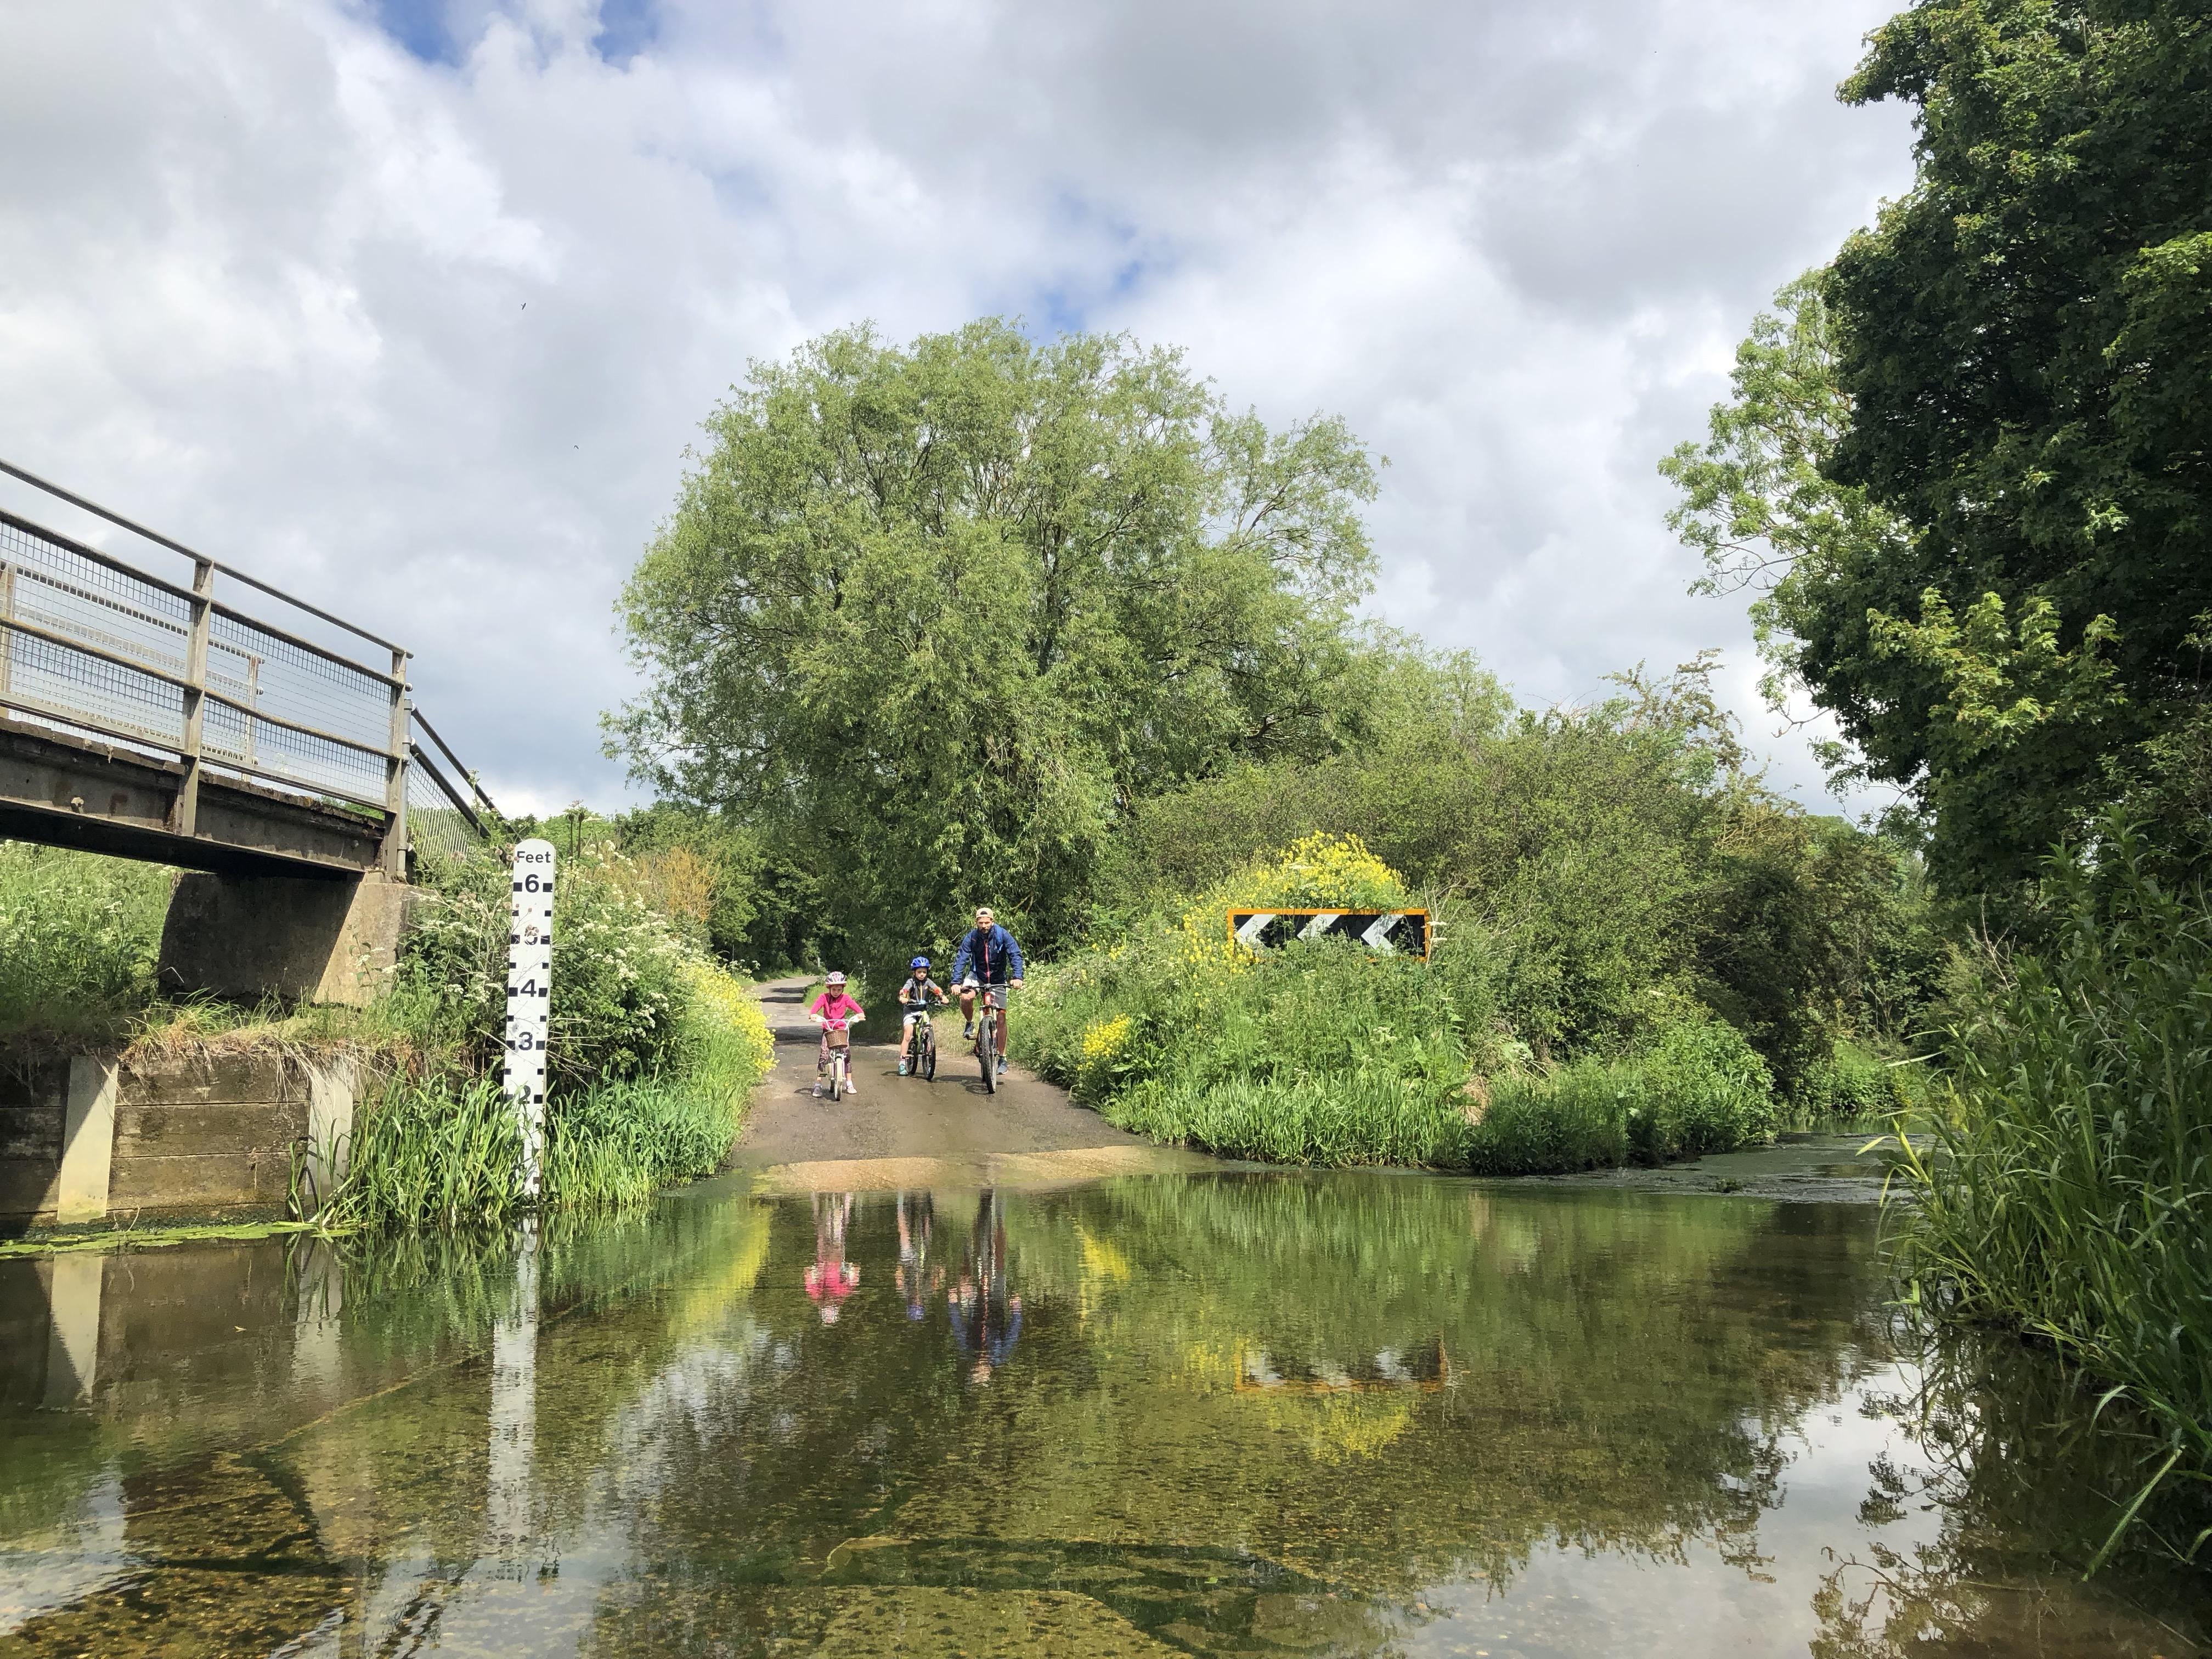 20 outdoor activities for children in and around